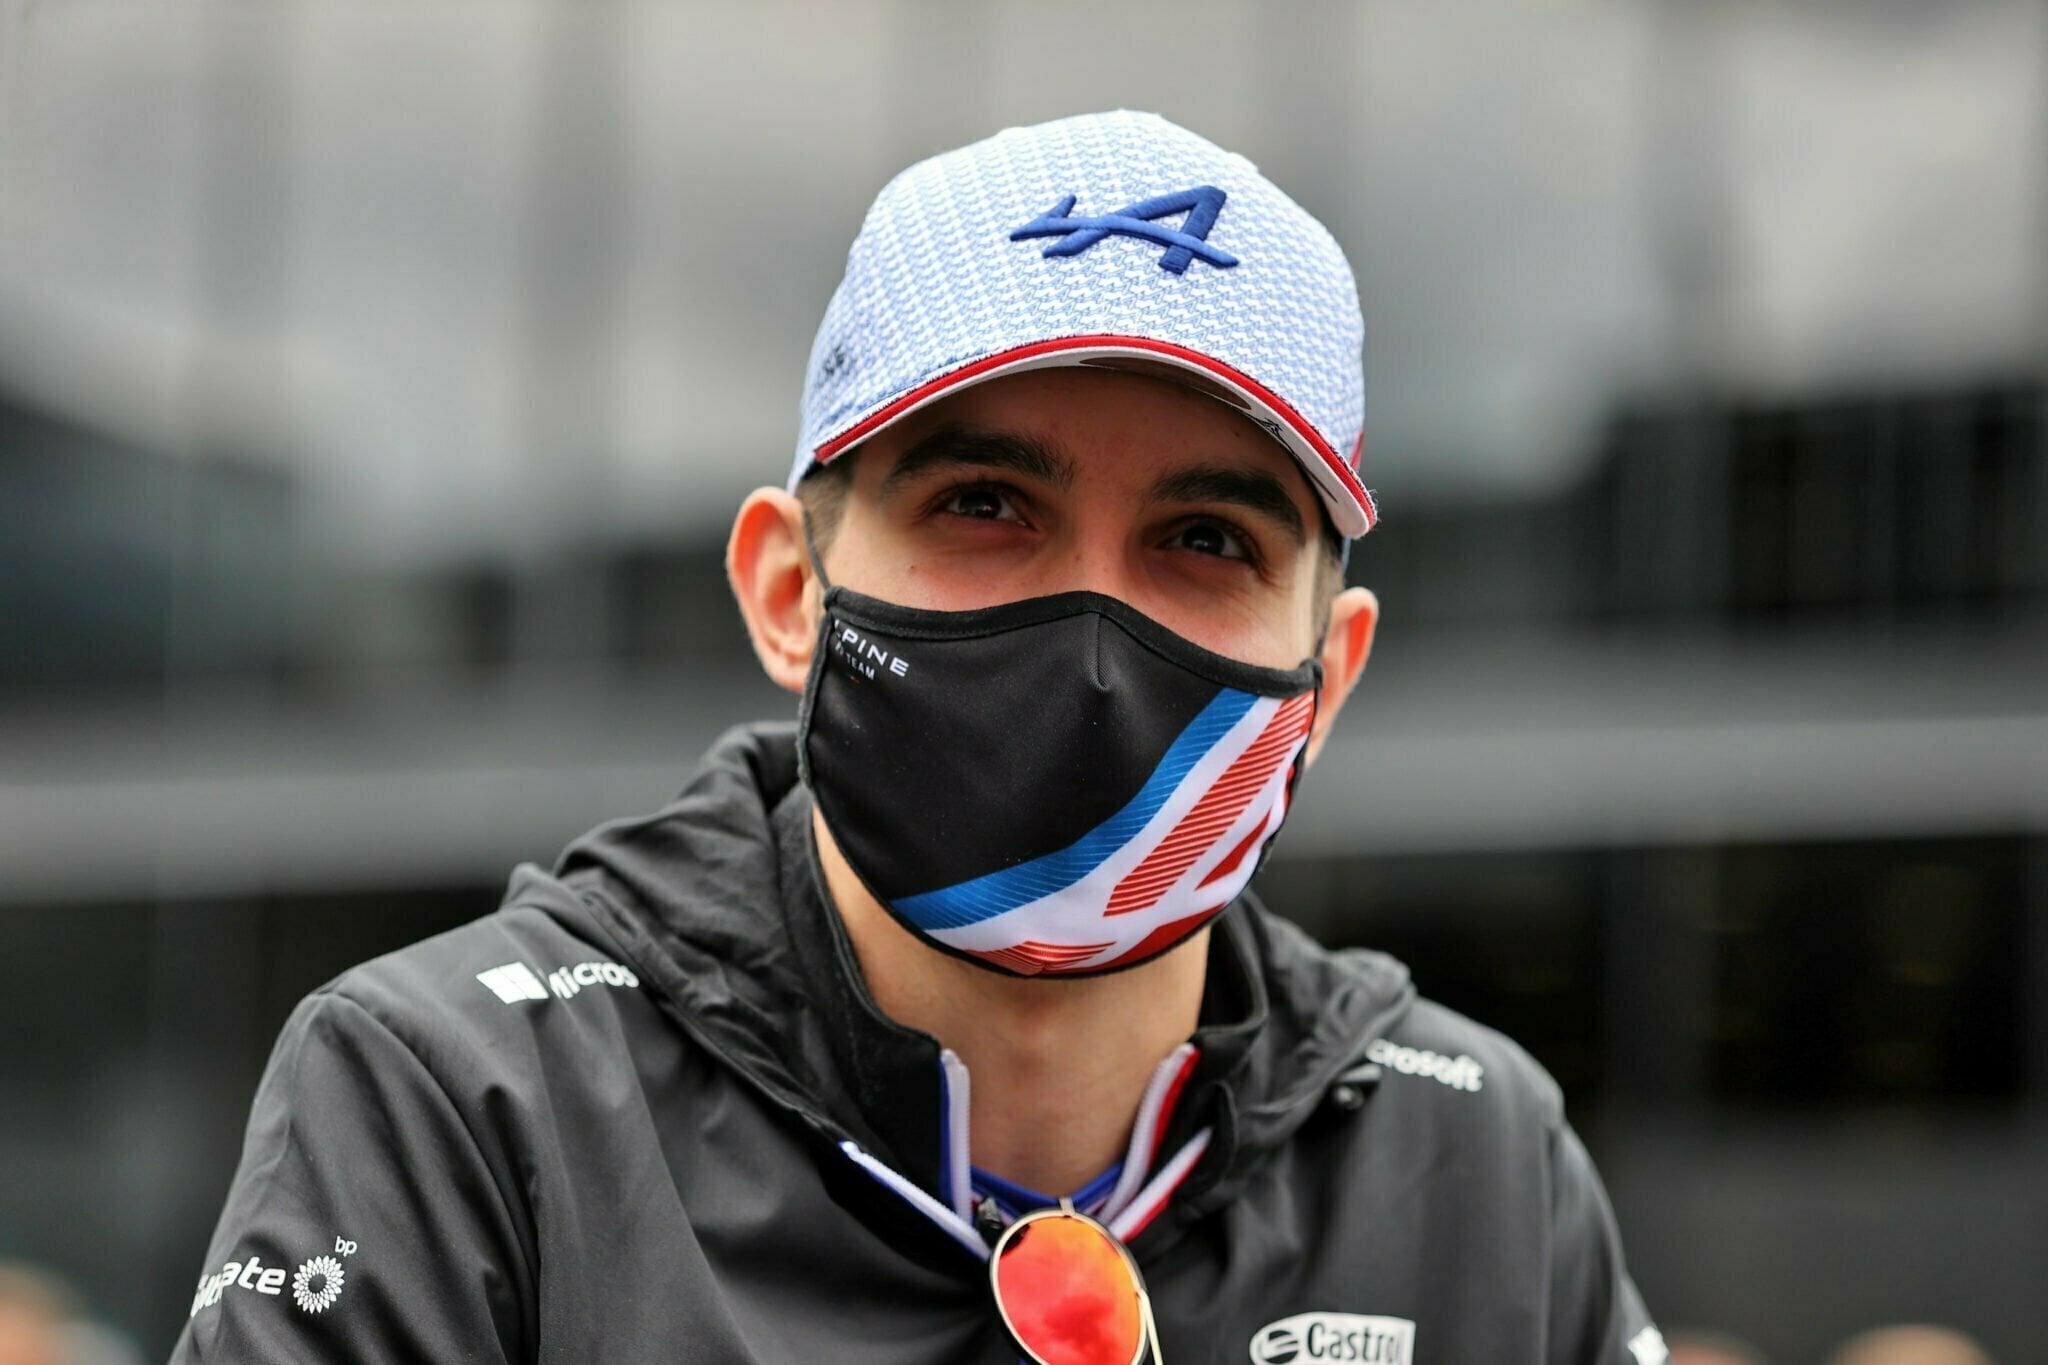 Alpine F1 Esteban Ocon